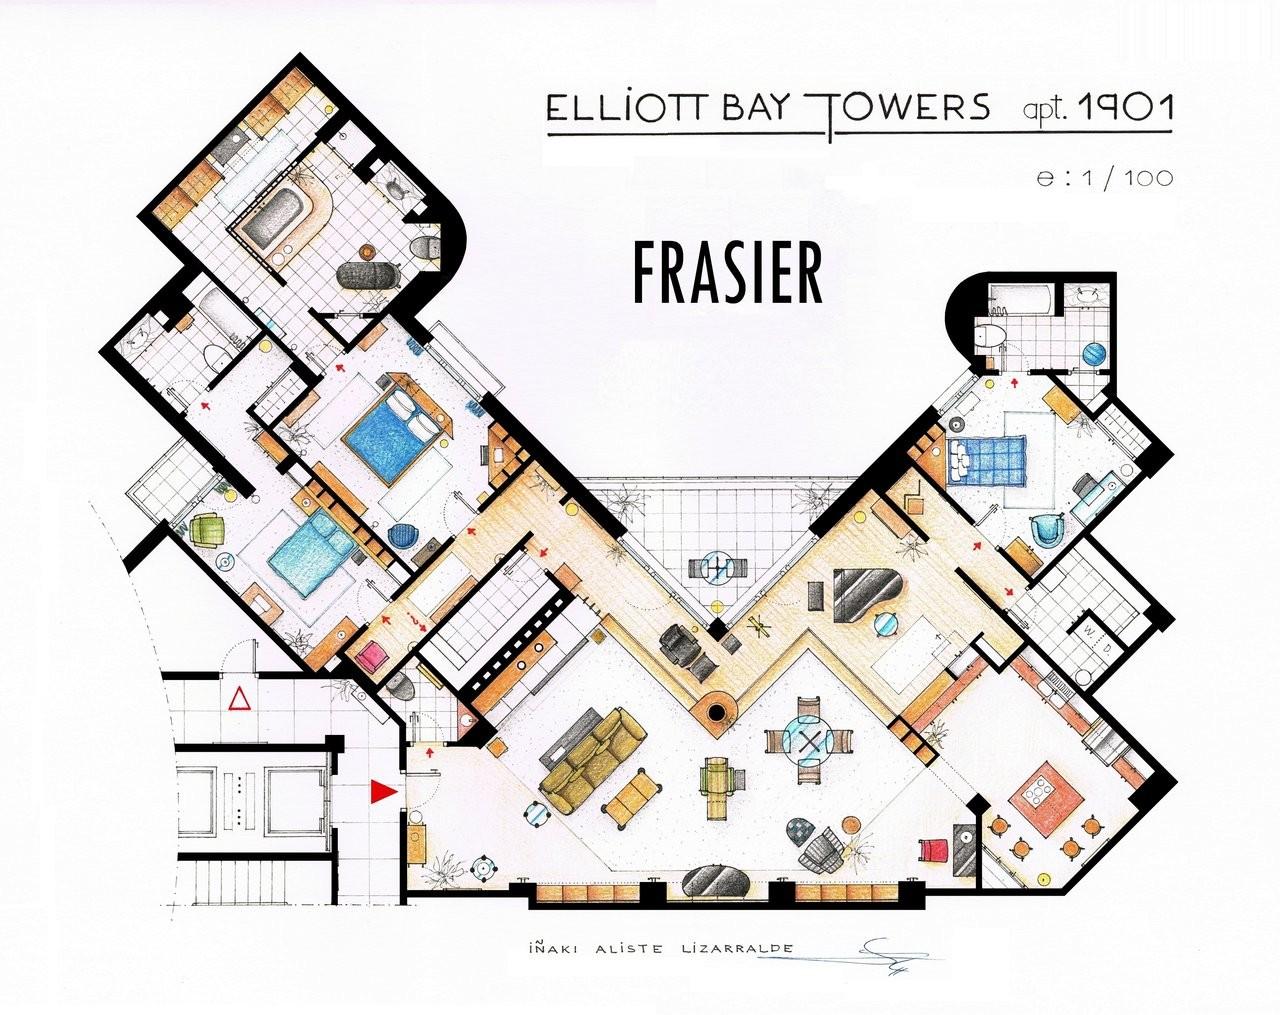 frasier_s_apartment_floorplan___v2_by_nikneuk-d5ewtl2.jpg